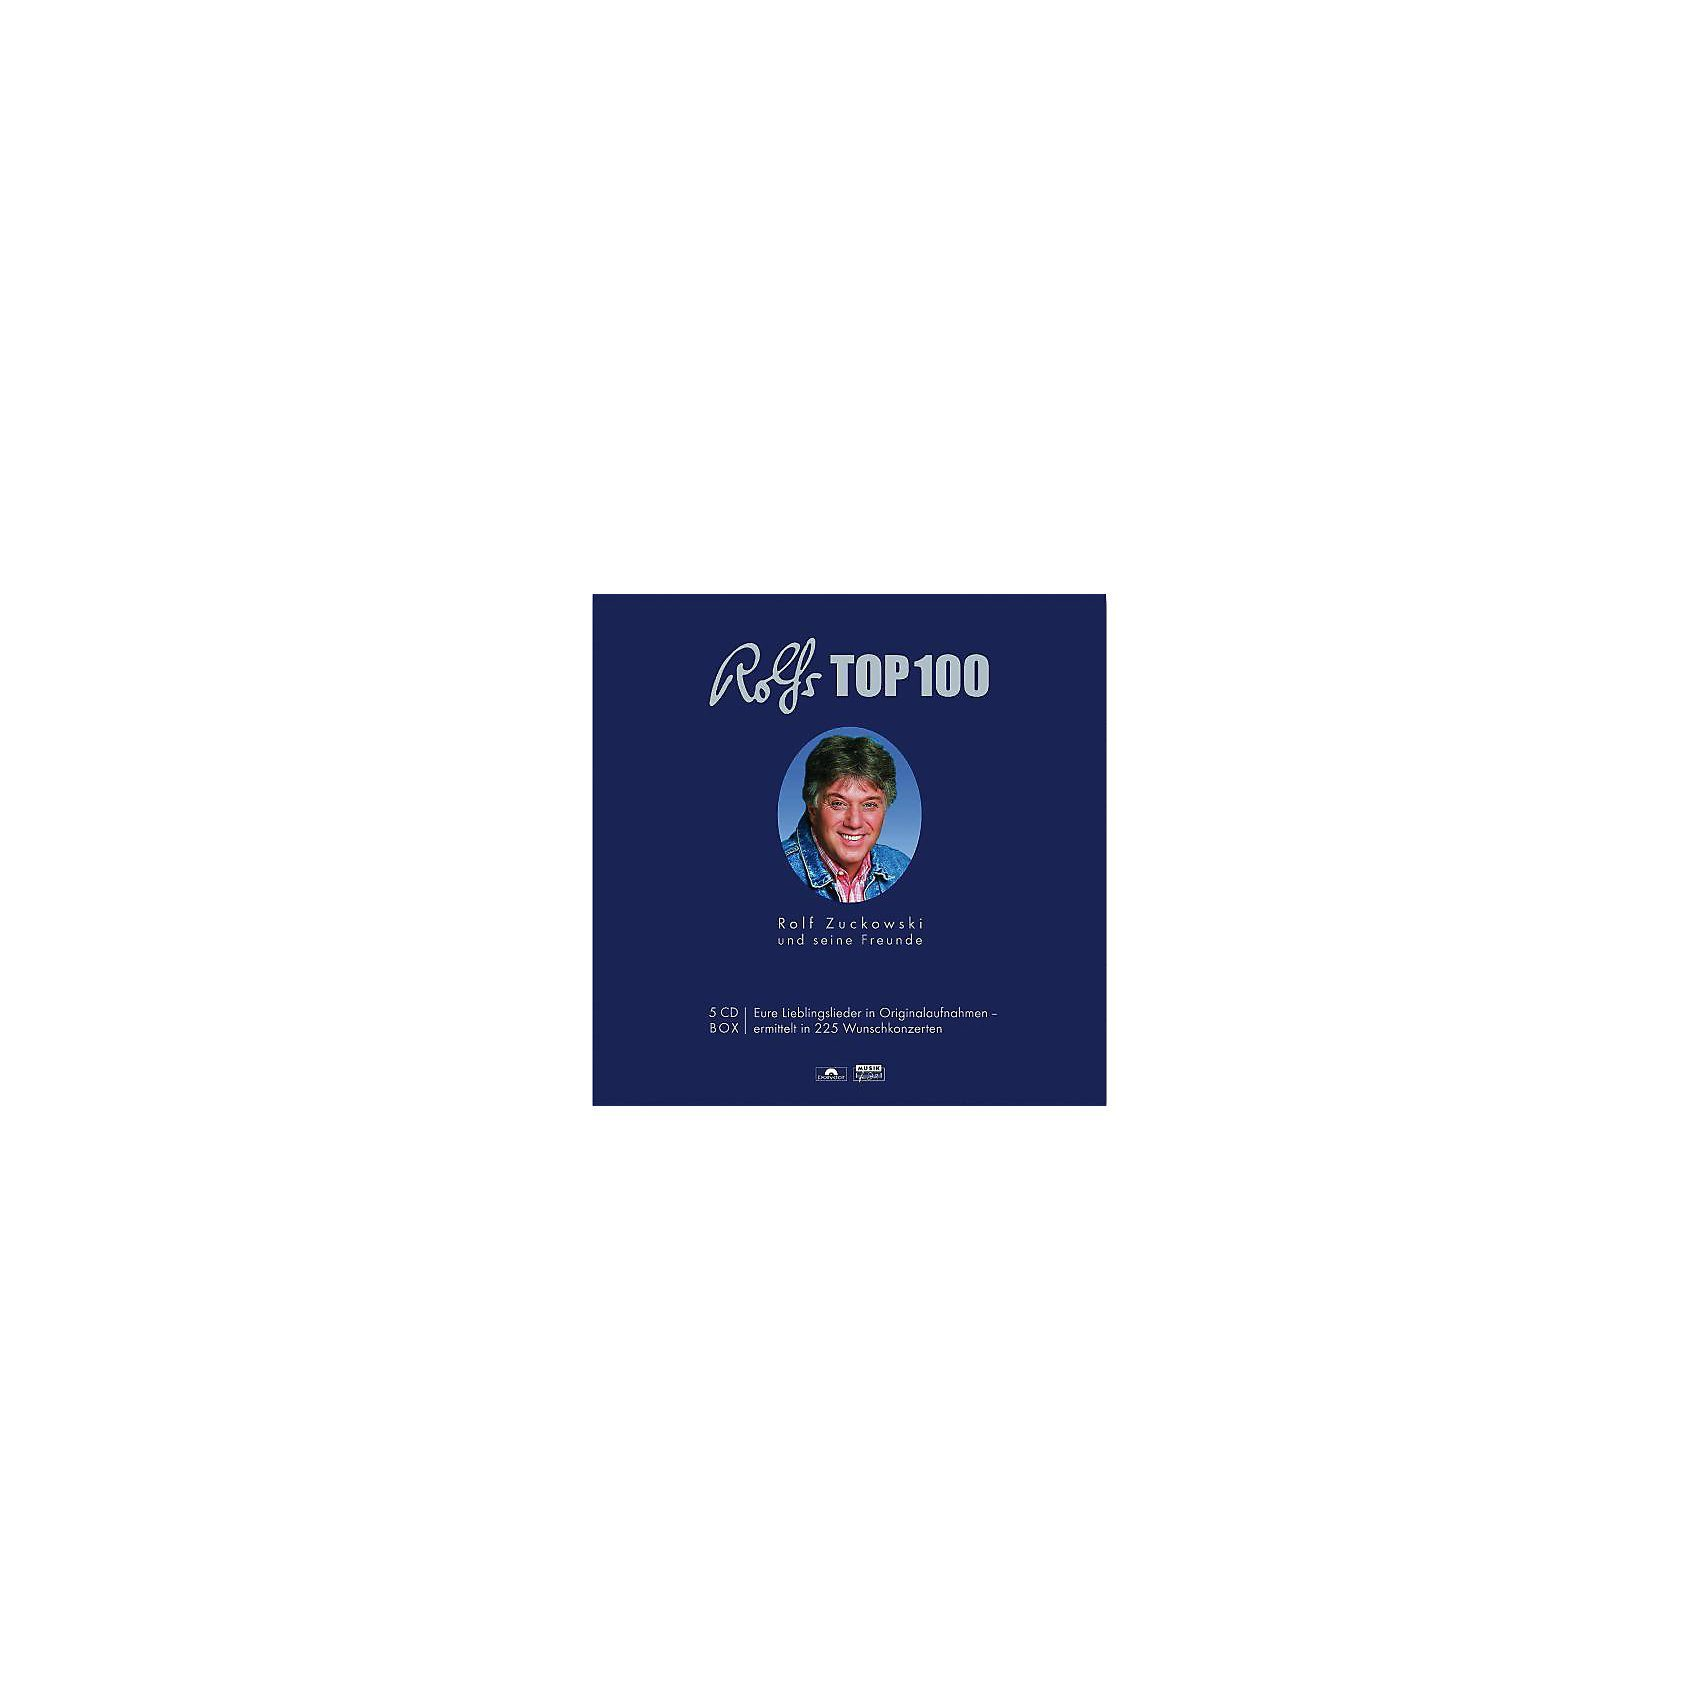 Universal Music GmbH CD Rolf Zuckowski und seine Freunde - Rolfs Top 100 - 5 CDs